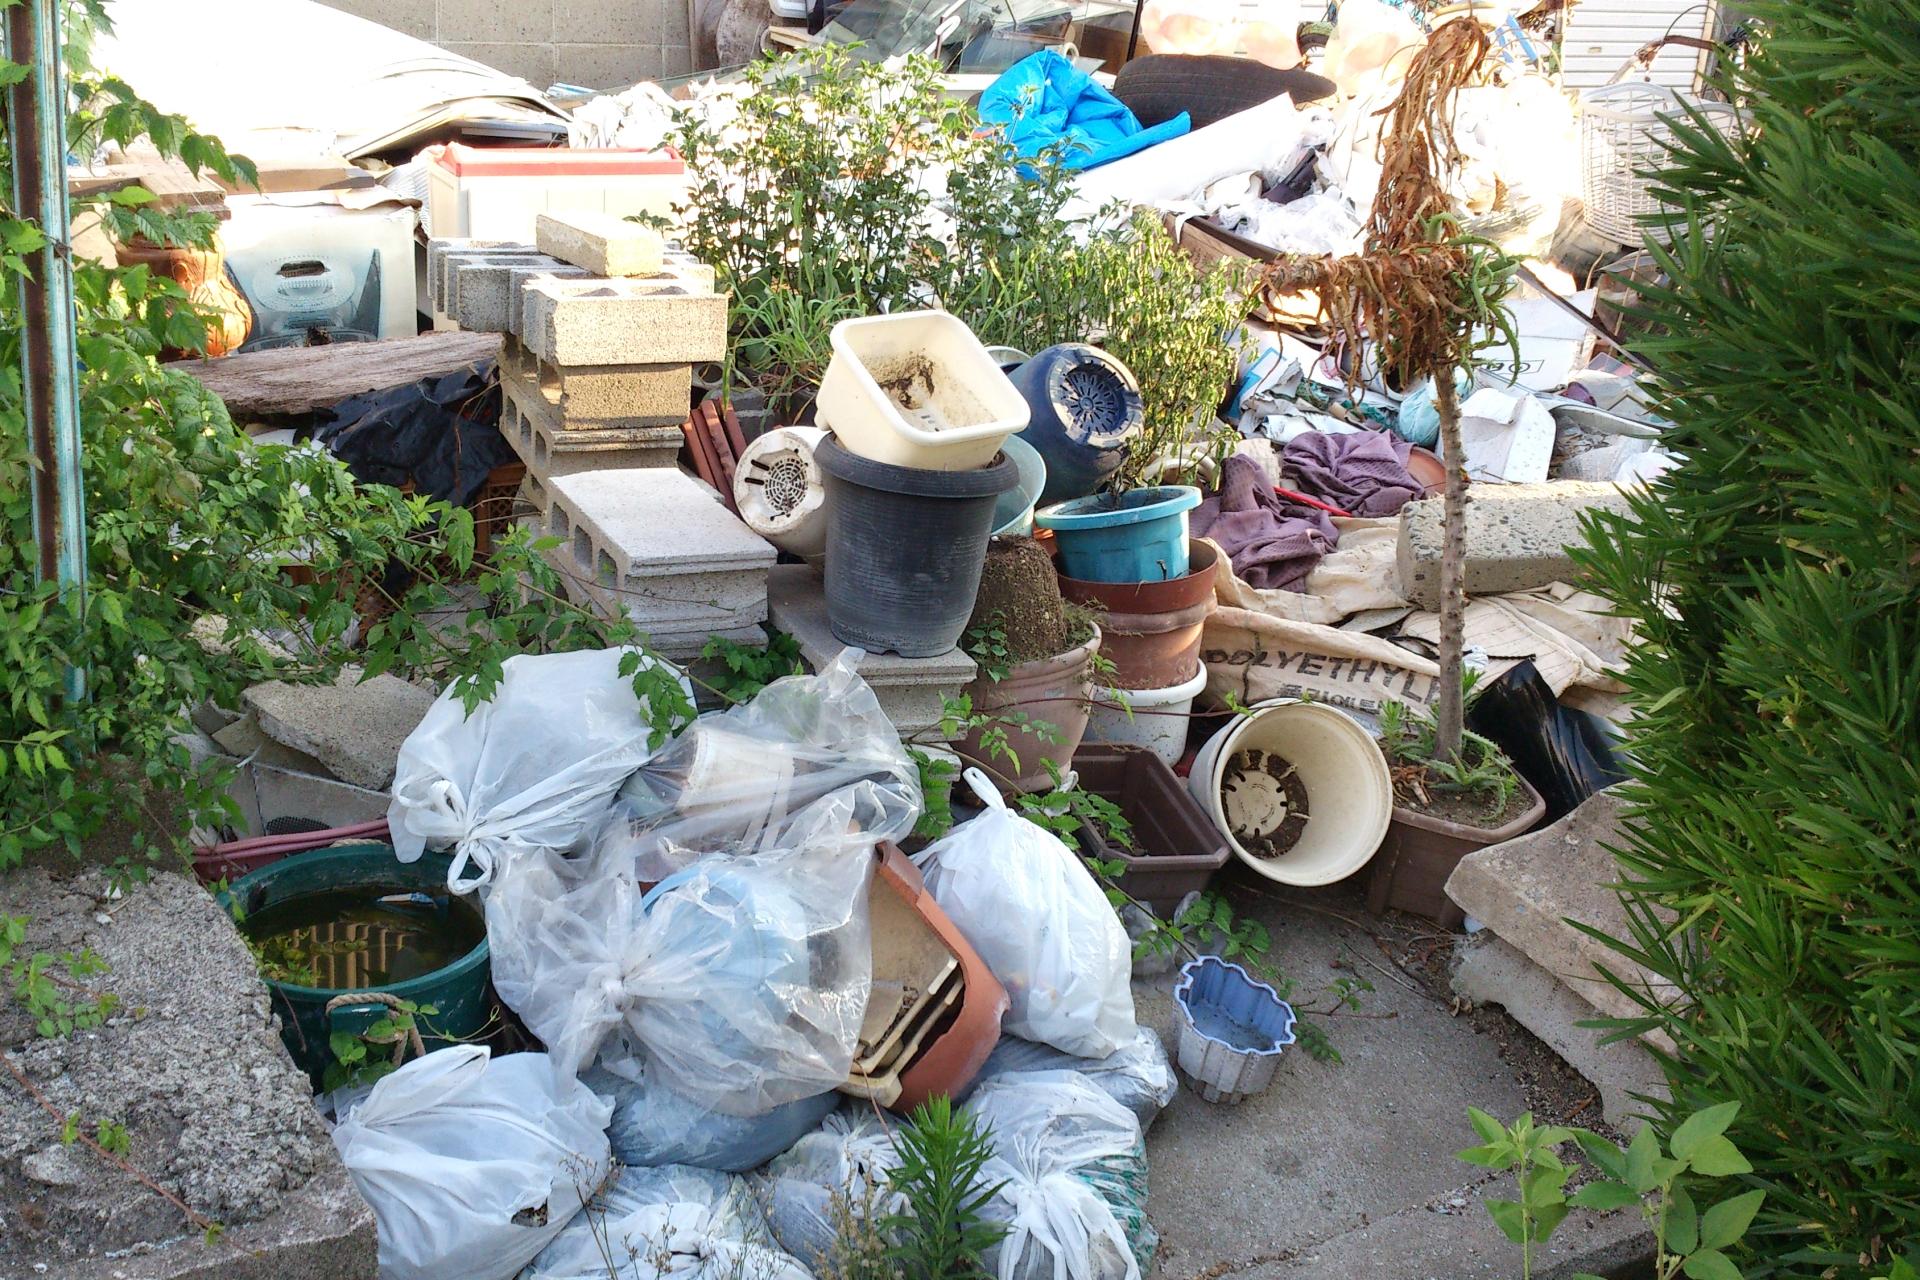 ゴミ屋敷の原因